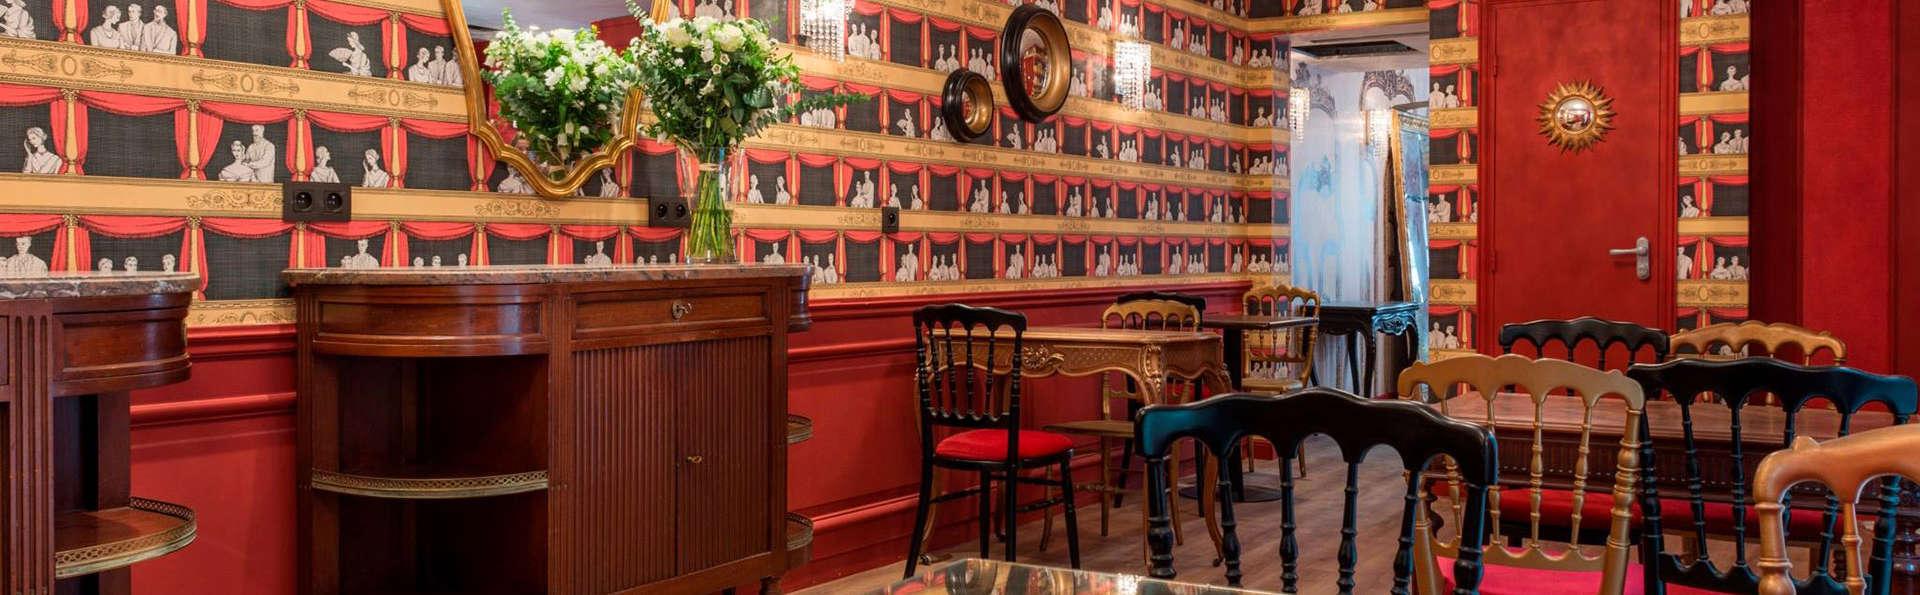 Hotel Sacha - EDIT_RESTAURANT.jpg